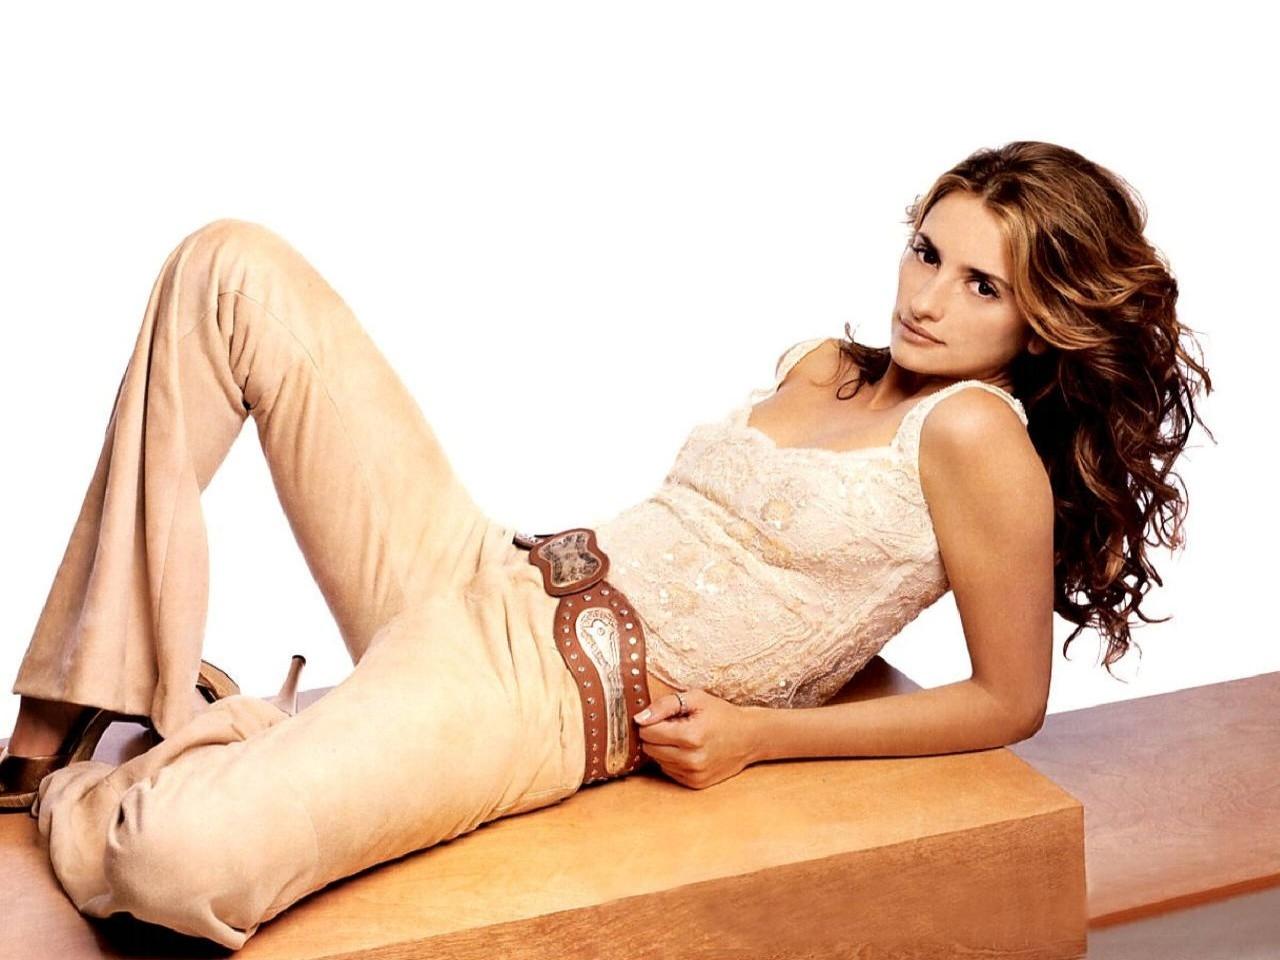 Wallpaper di Penelope Cruz - la bella attrice spagnola è diventata la musa di Almodovar